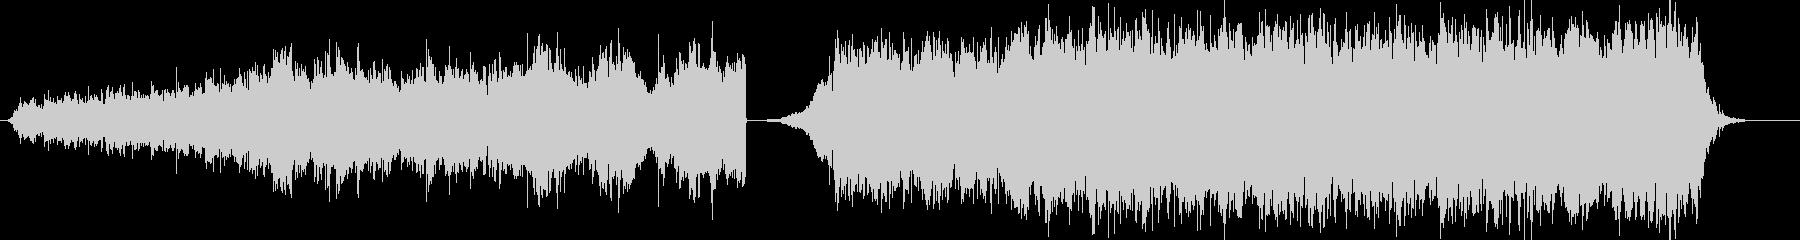 明るくどこか切ないPianoアンビエントの未再生の波形